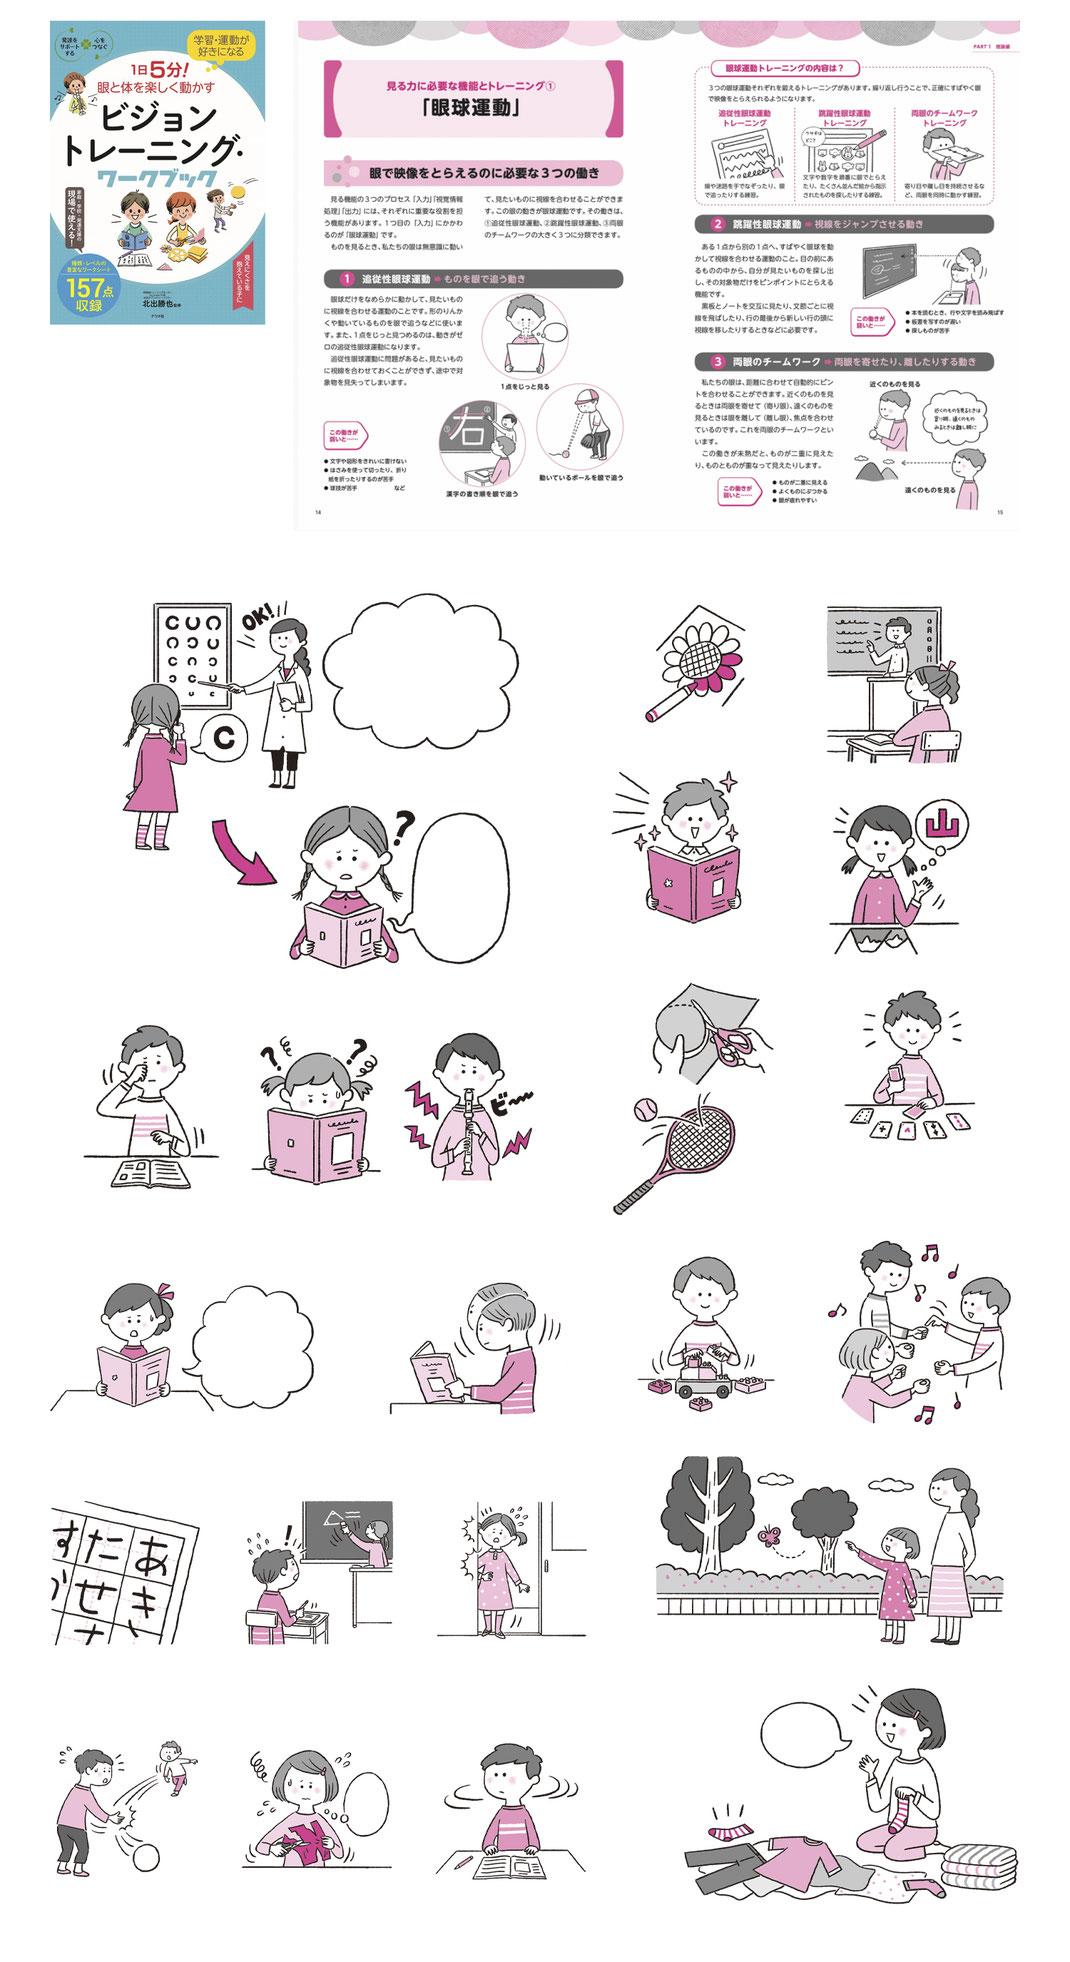 子ども ビジョントレーニング イラスト